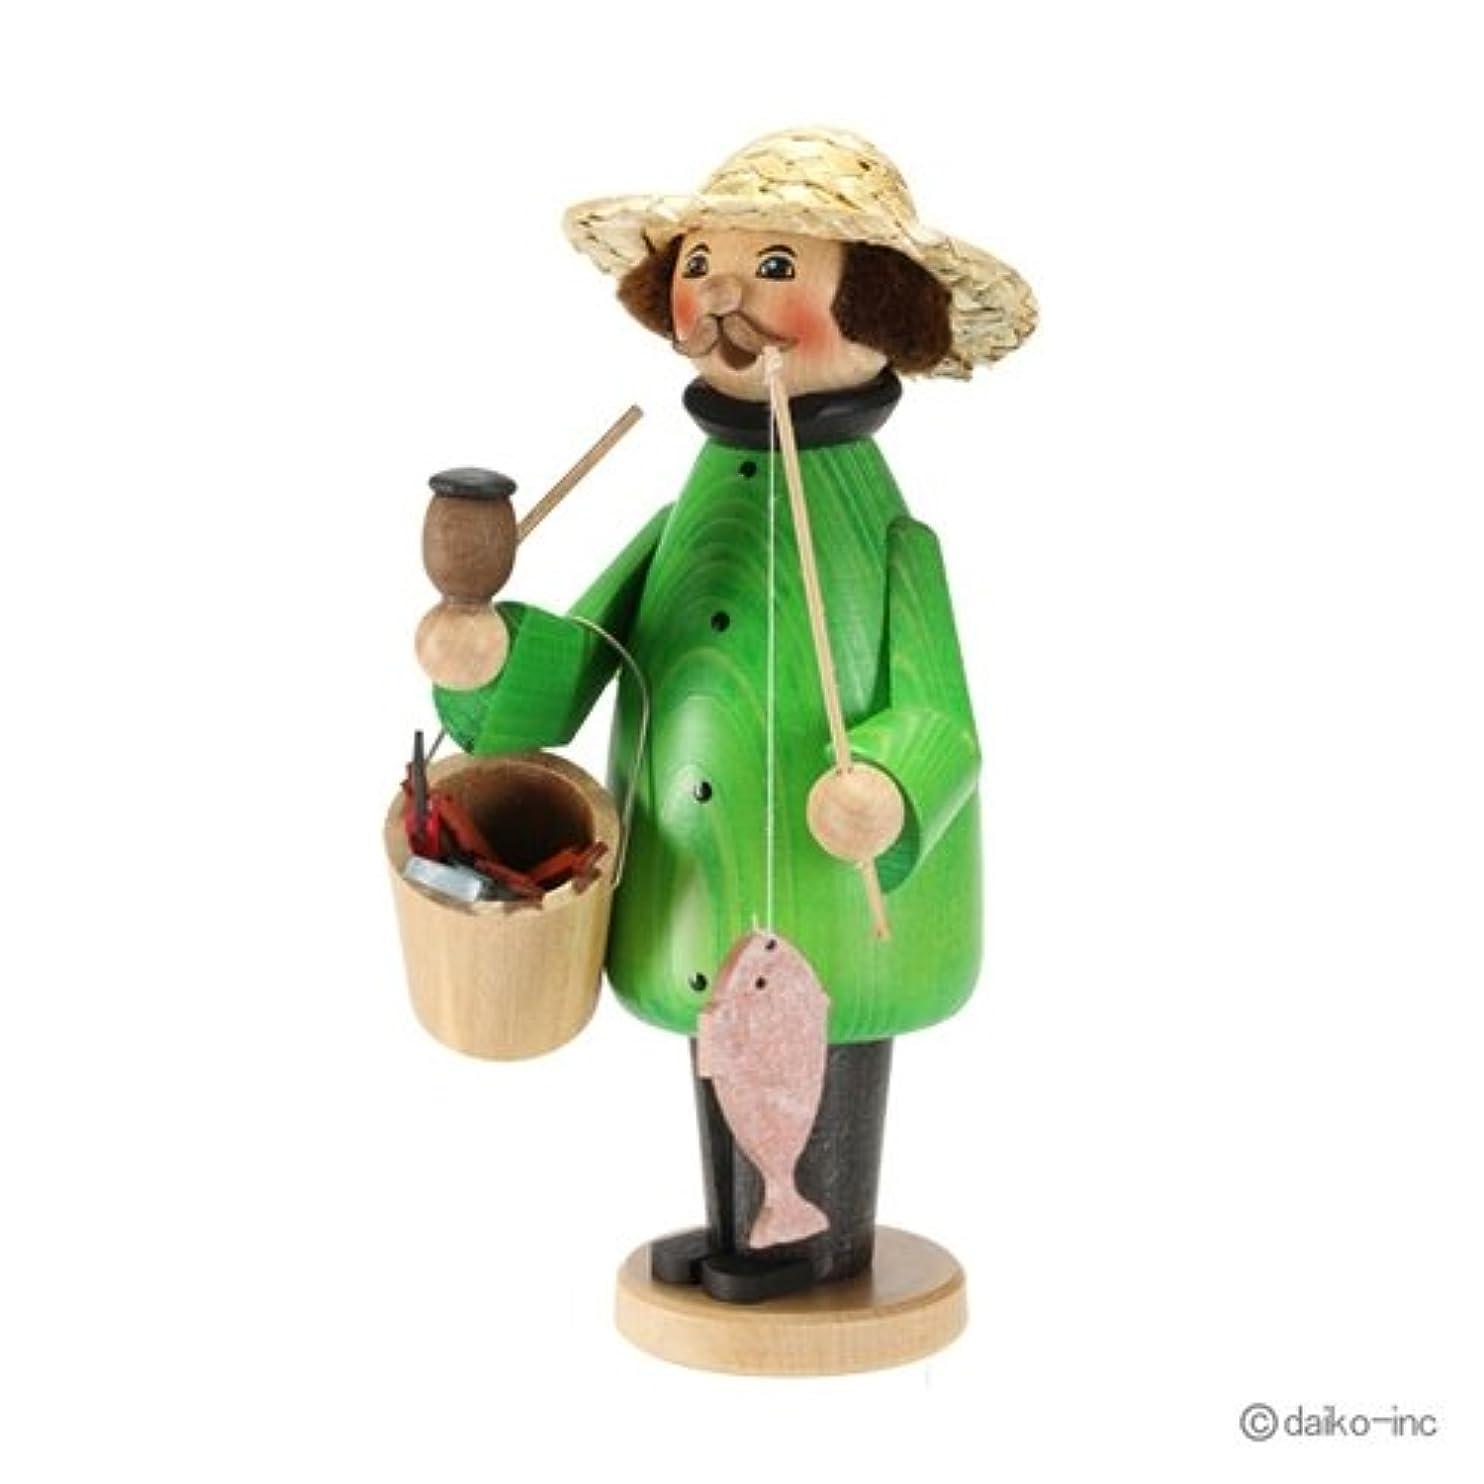 エンジンむちゃくちゃがっかりするクーネルト kuhnert ミニパイプ人形香炉 釣り人